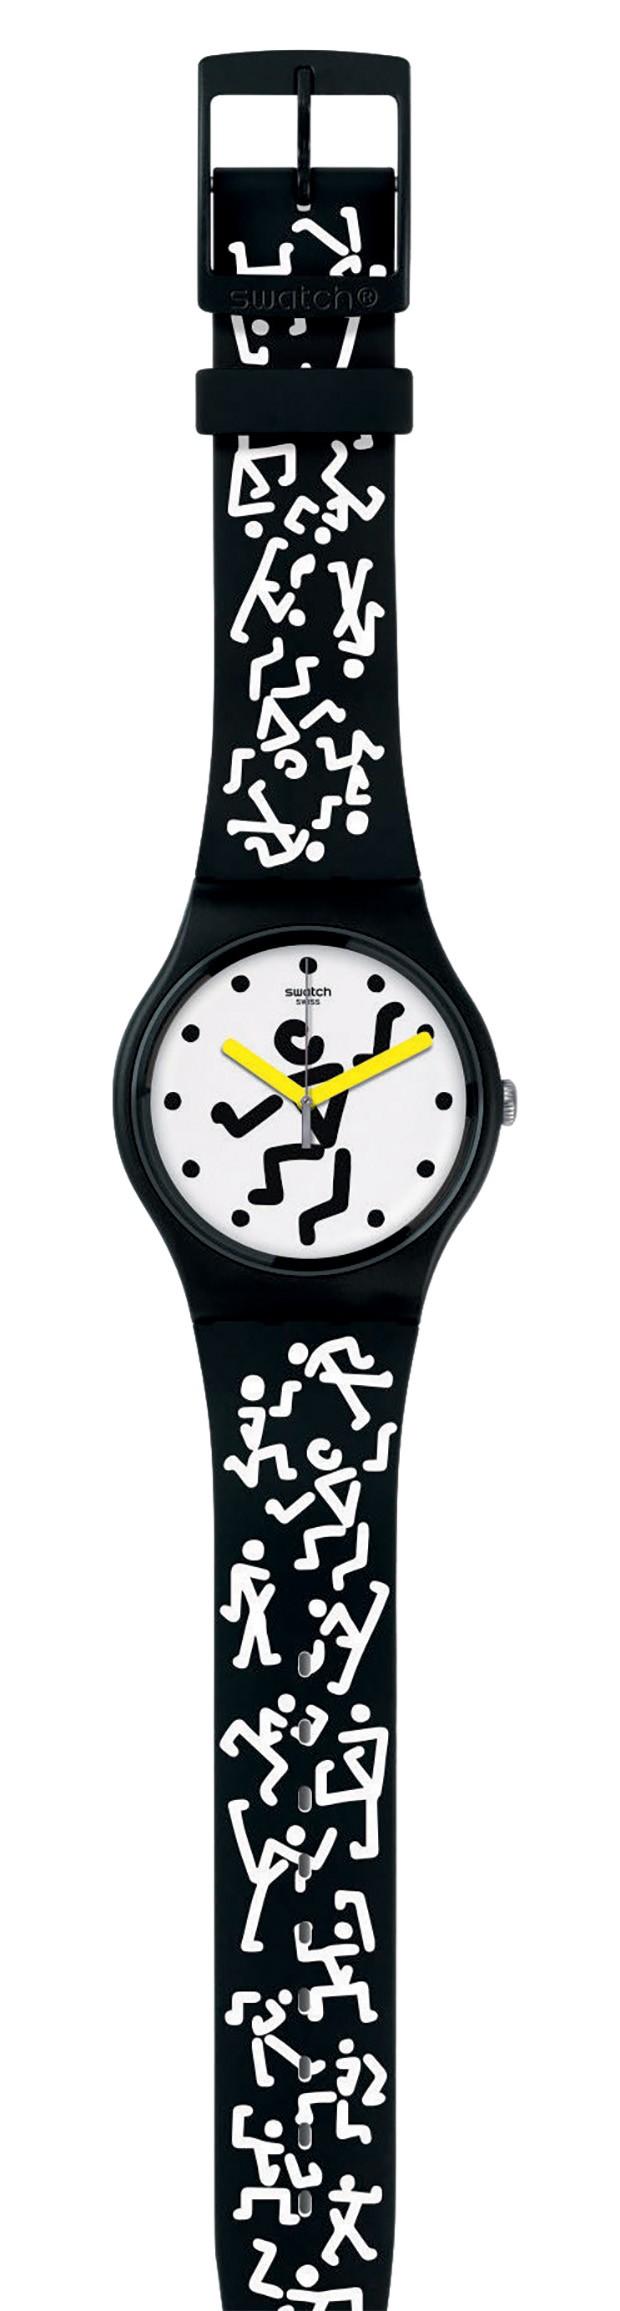 A cantora lançou, no ano passado, uma bem-sucedida parceria com a Swatch, na qual desenvolveu um modelo de relógio para a grife suíça (Foto: Paul & Martin e Divulgação)